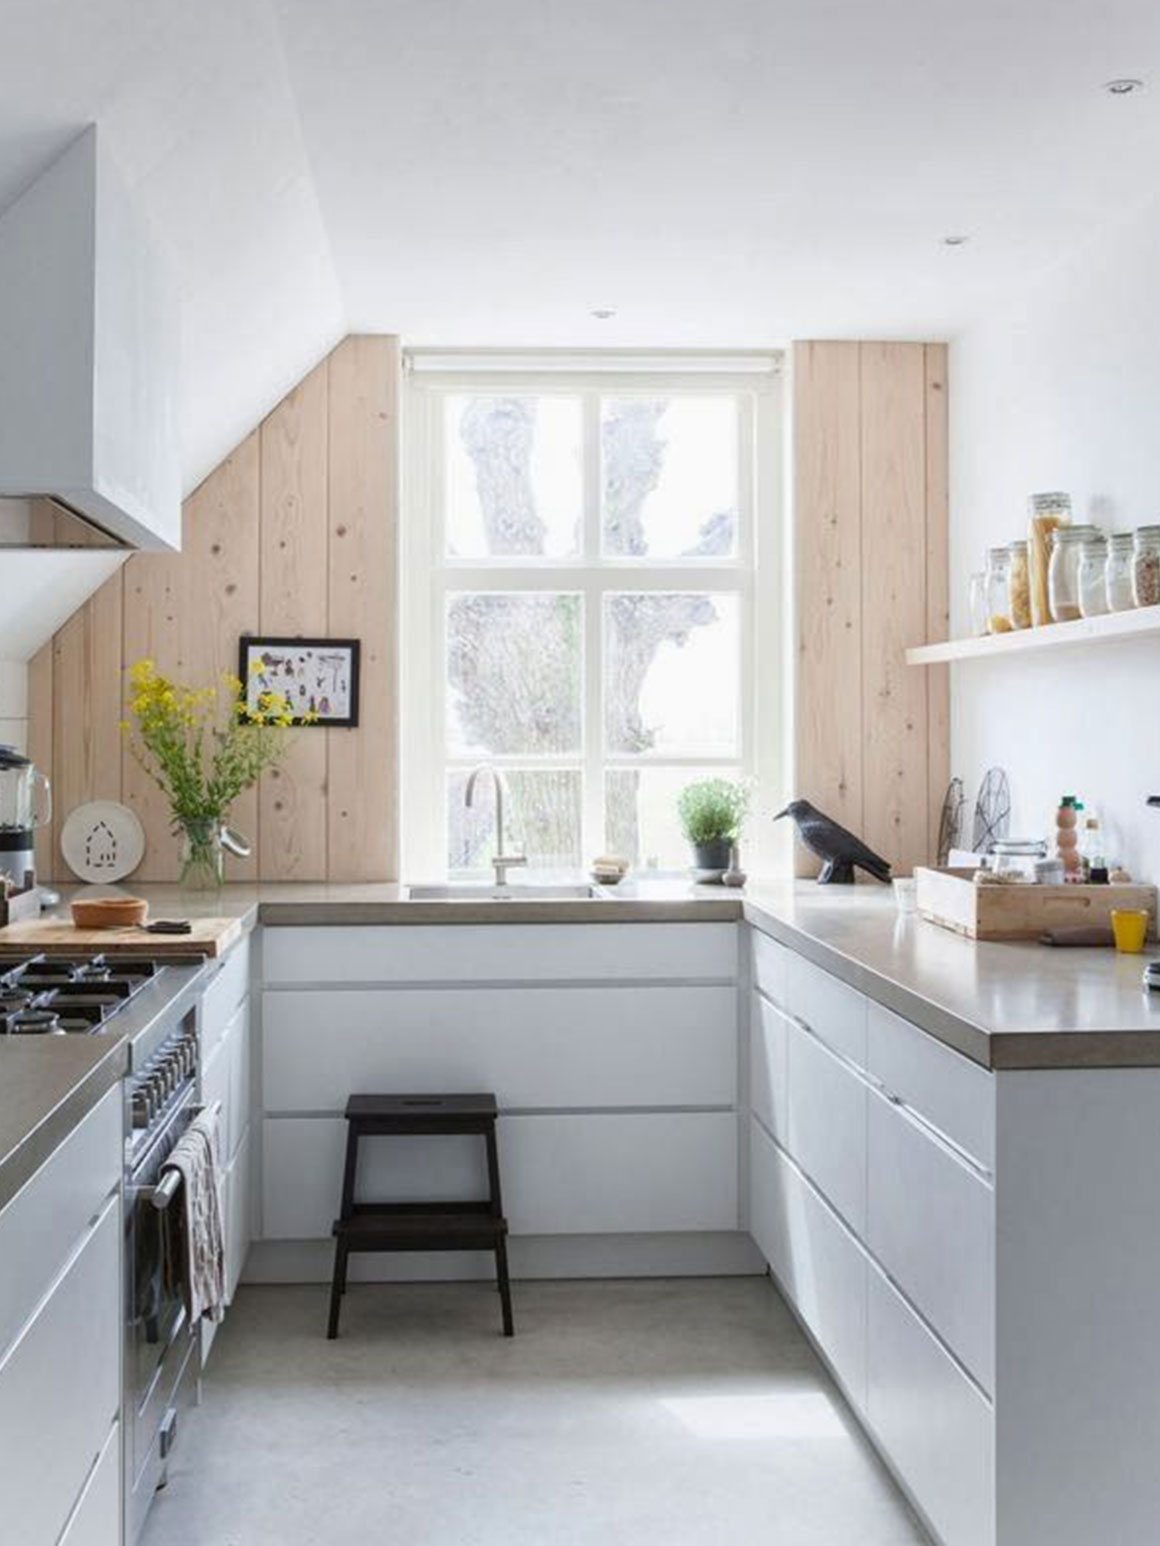 Keuken inspiratie my simply special - Kleine witte keuken ...